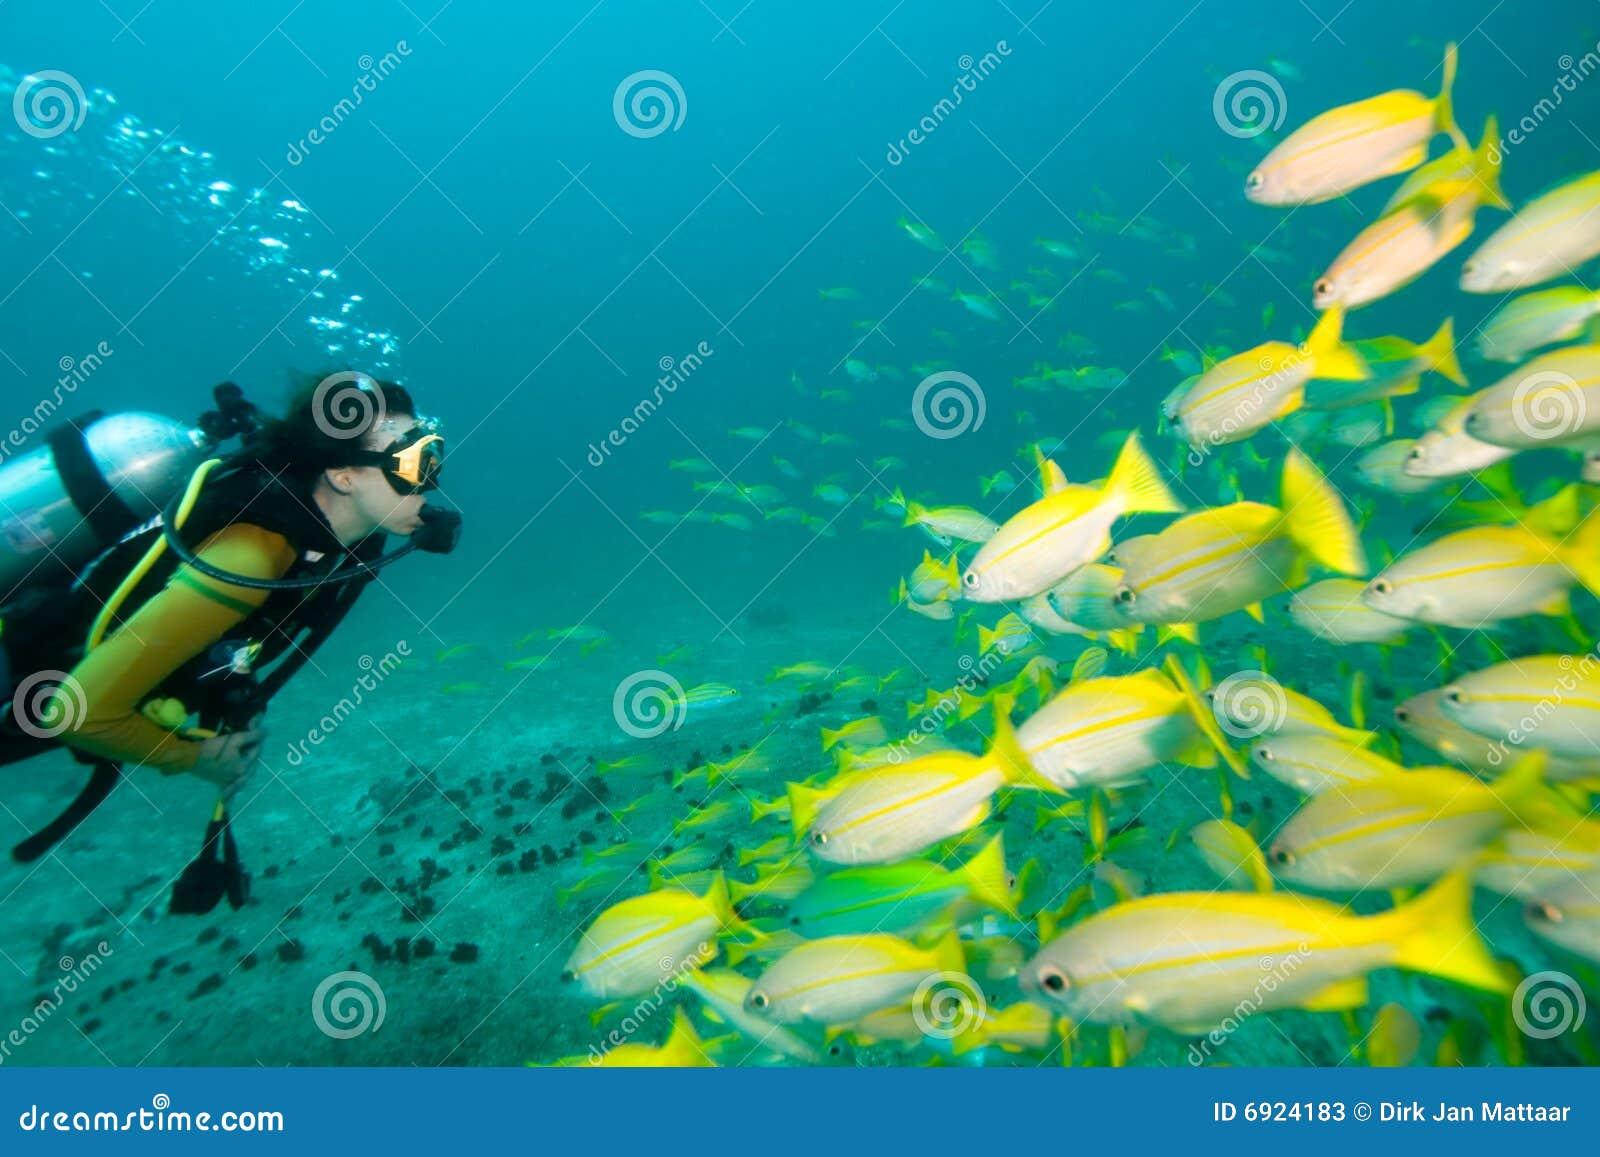 Le plongeur contacte des poissons